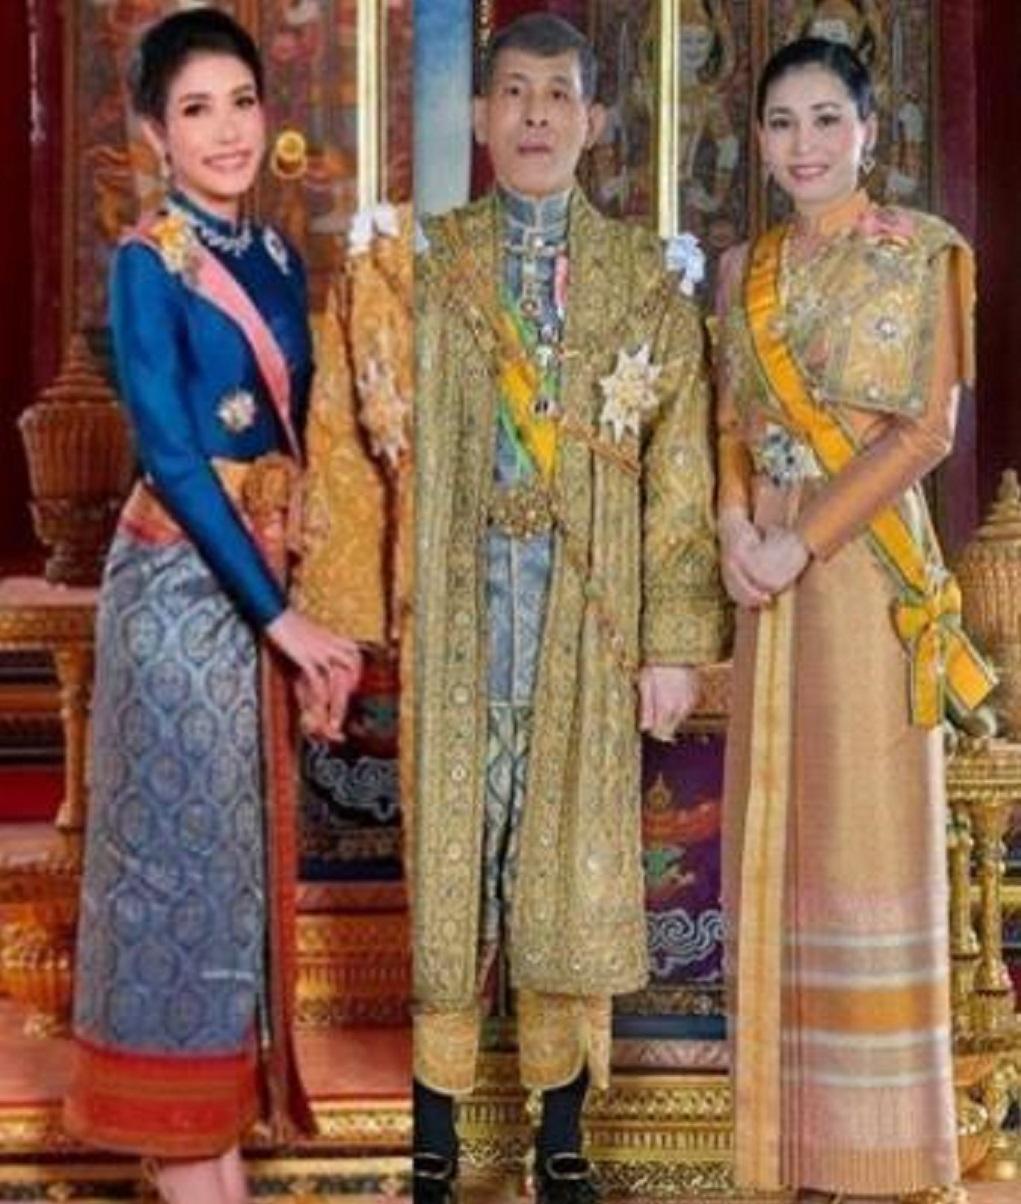 同样是祈福仪式:67岁泰王和苏提达如胶似漆,可惜原配孤身一人!